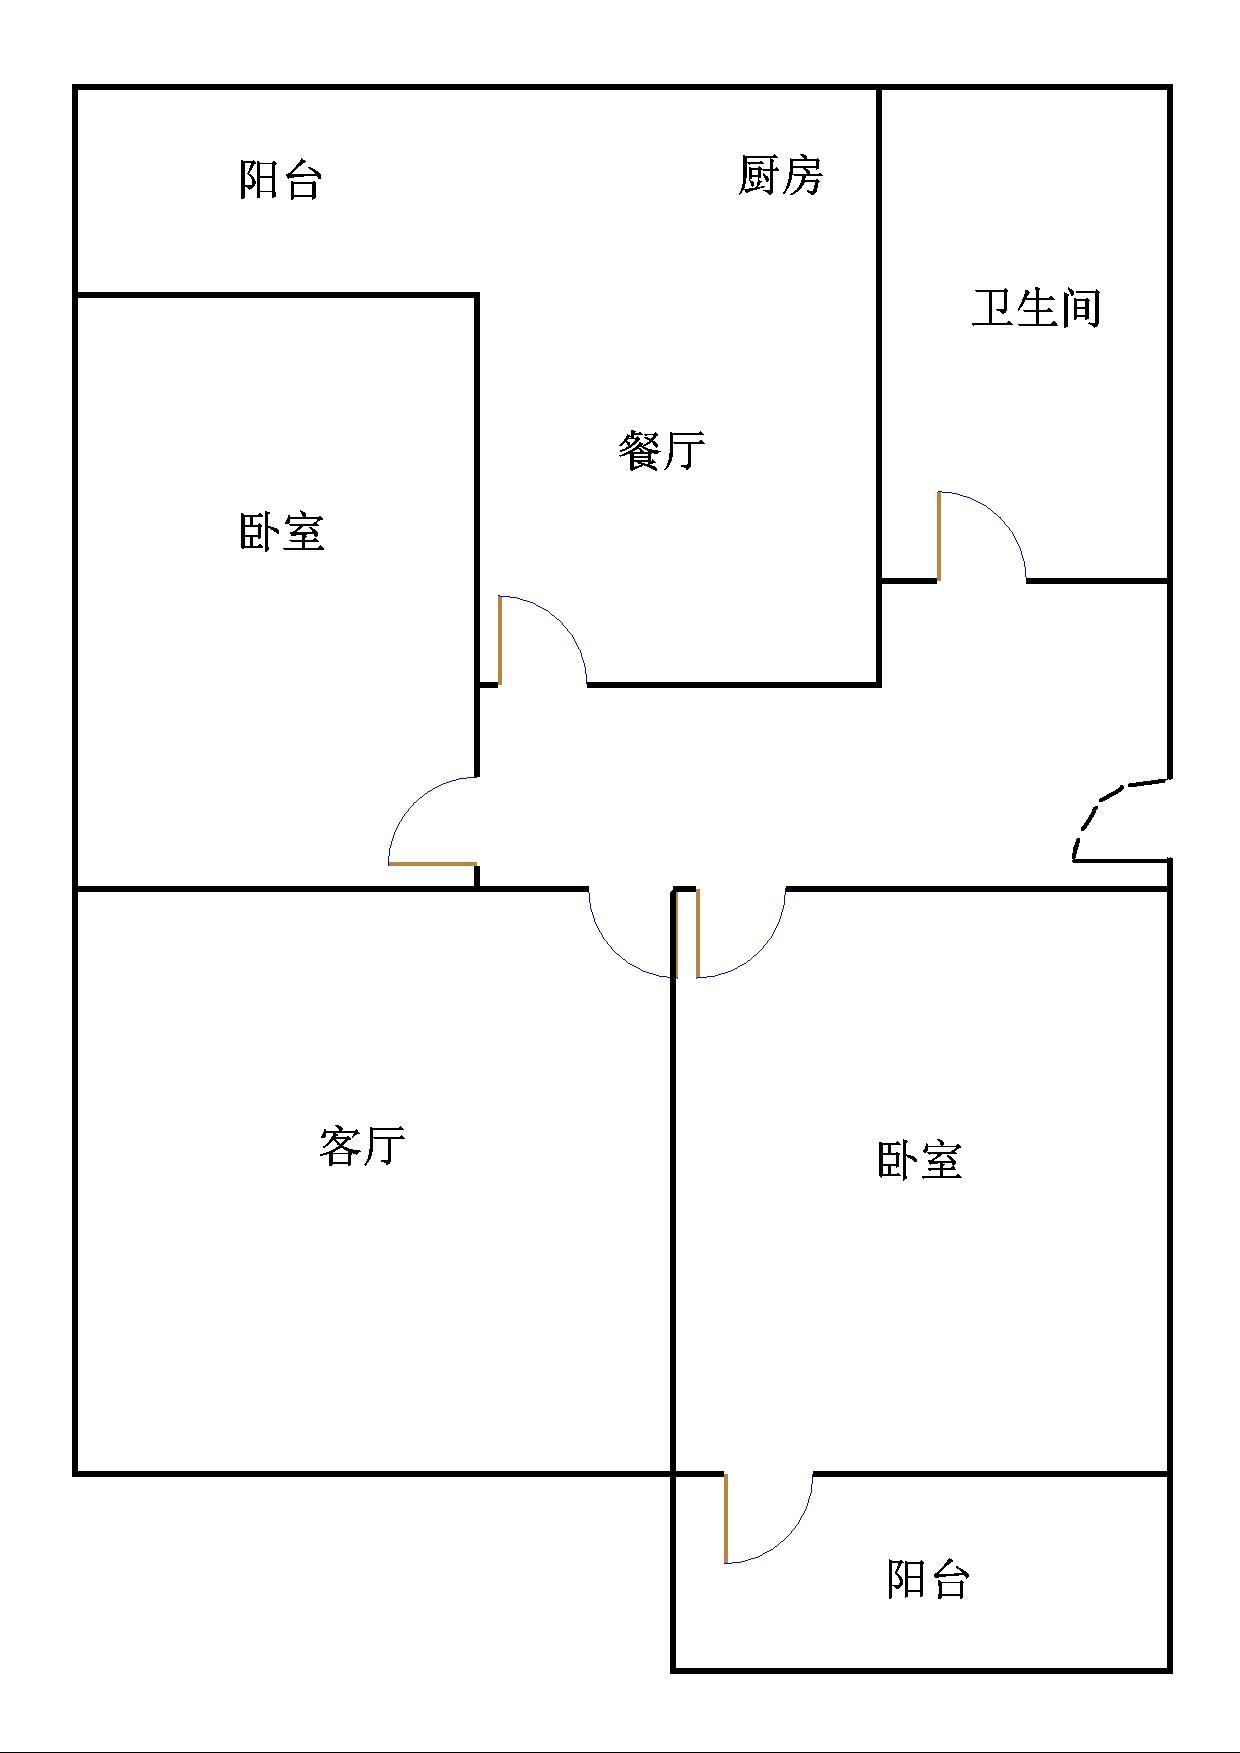 二棉宿舍 2室1厅  简装 83万